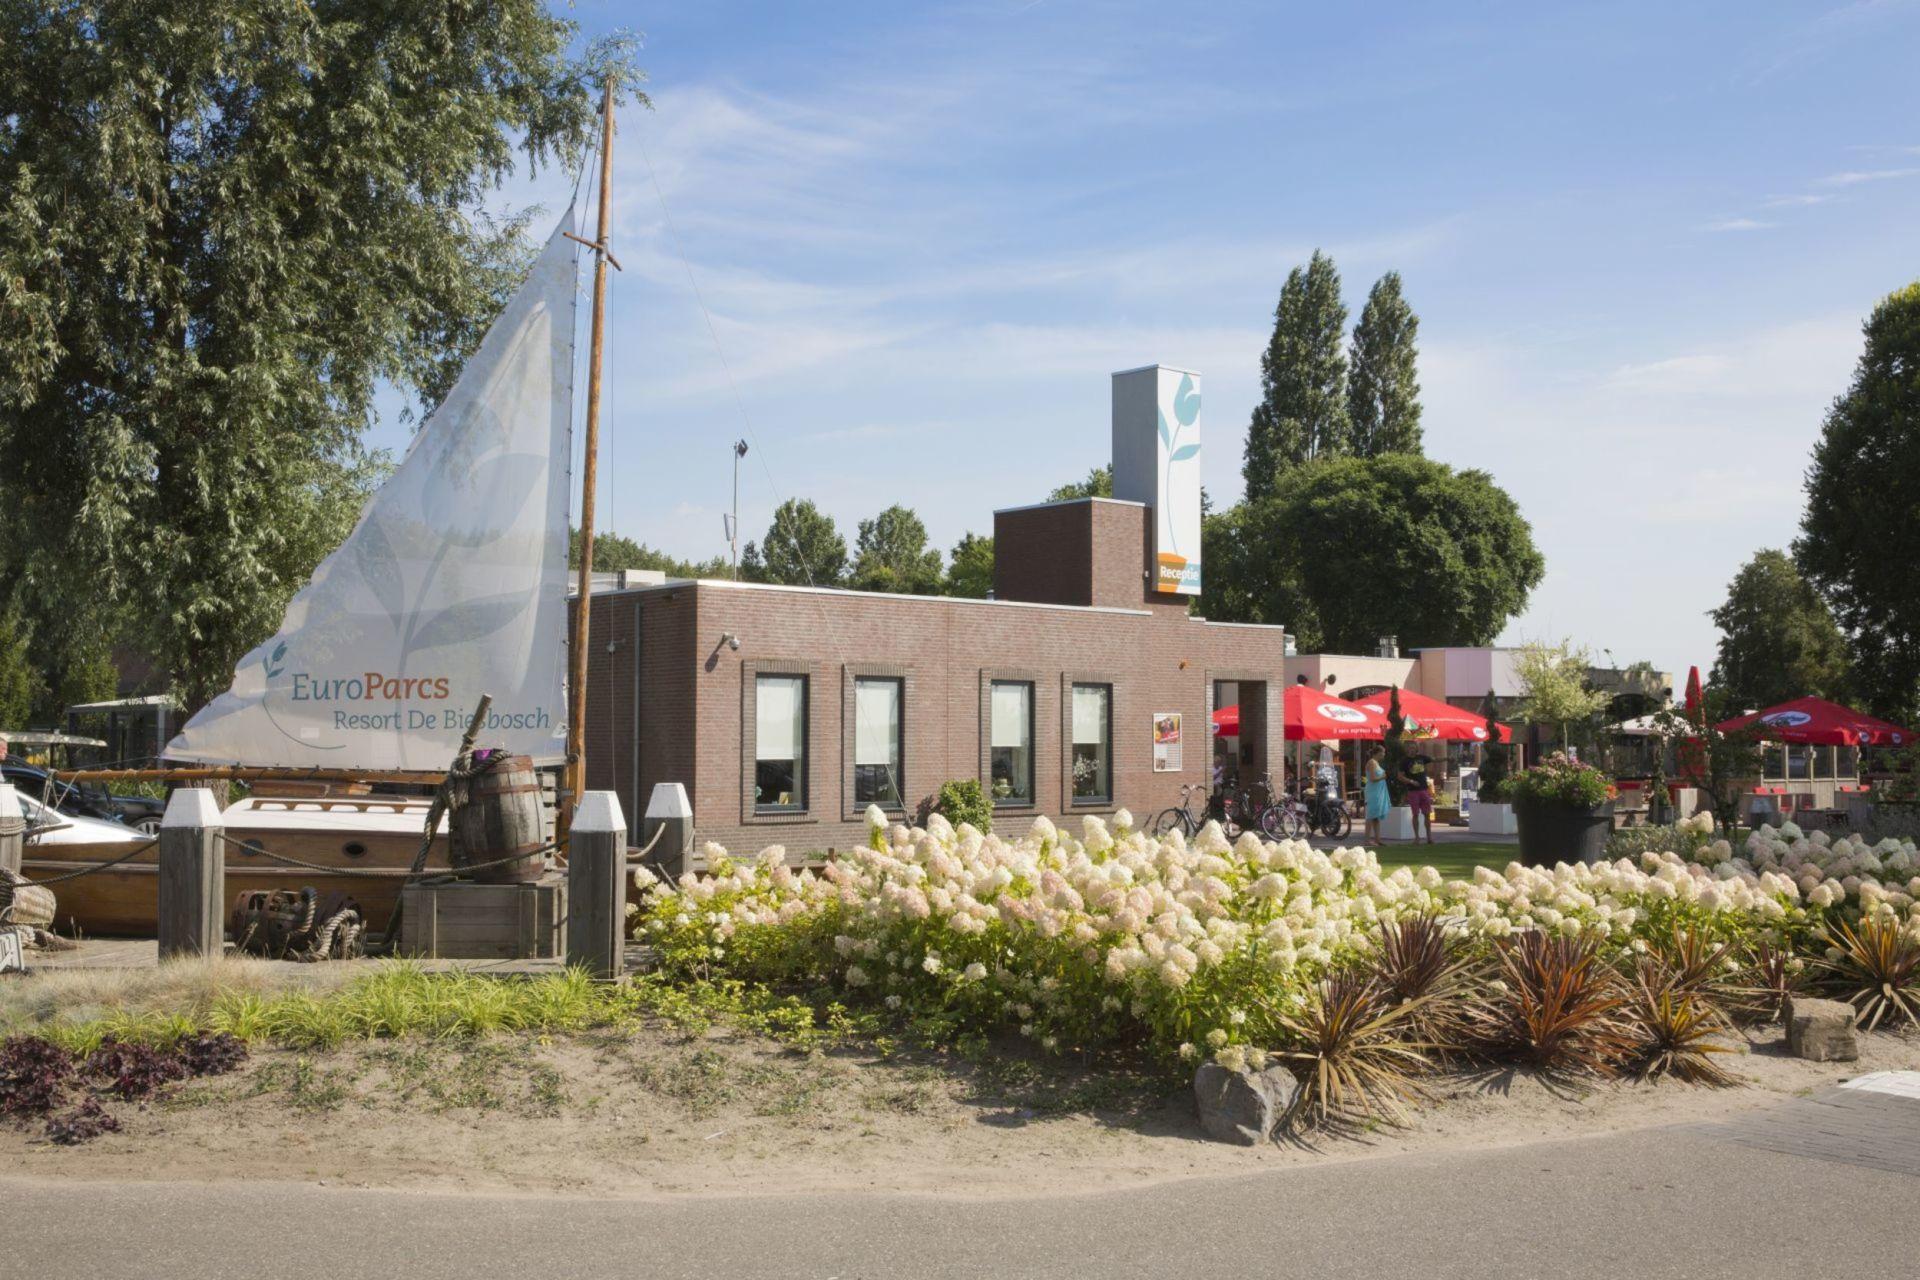 Reception Resort De Biesbosch